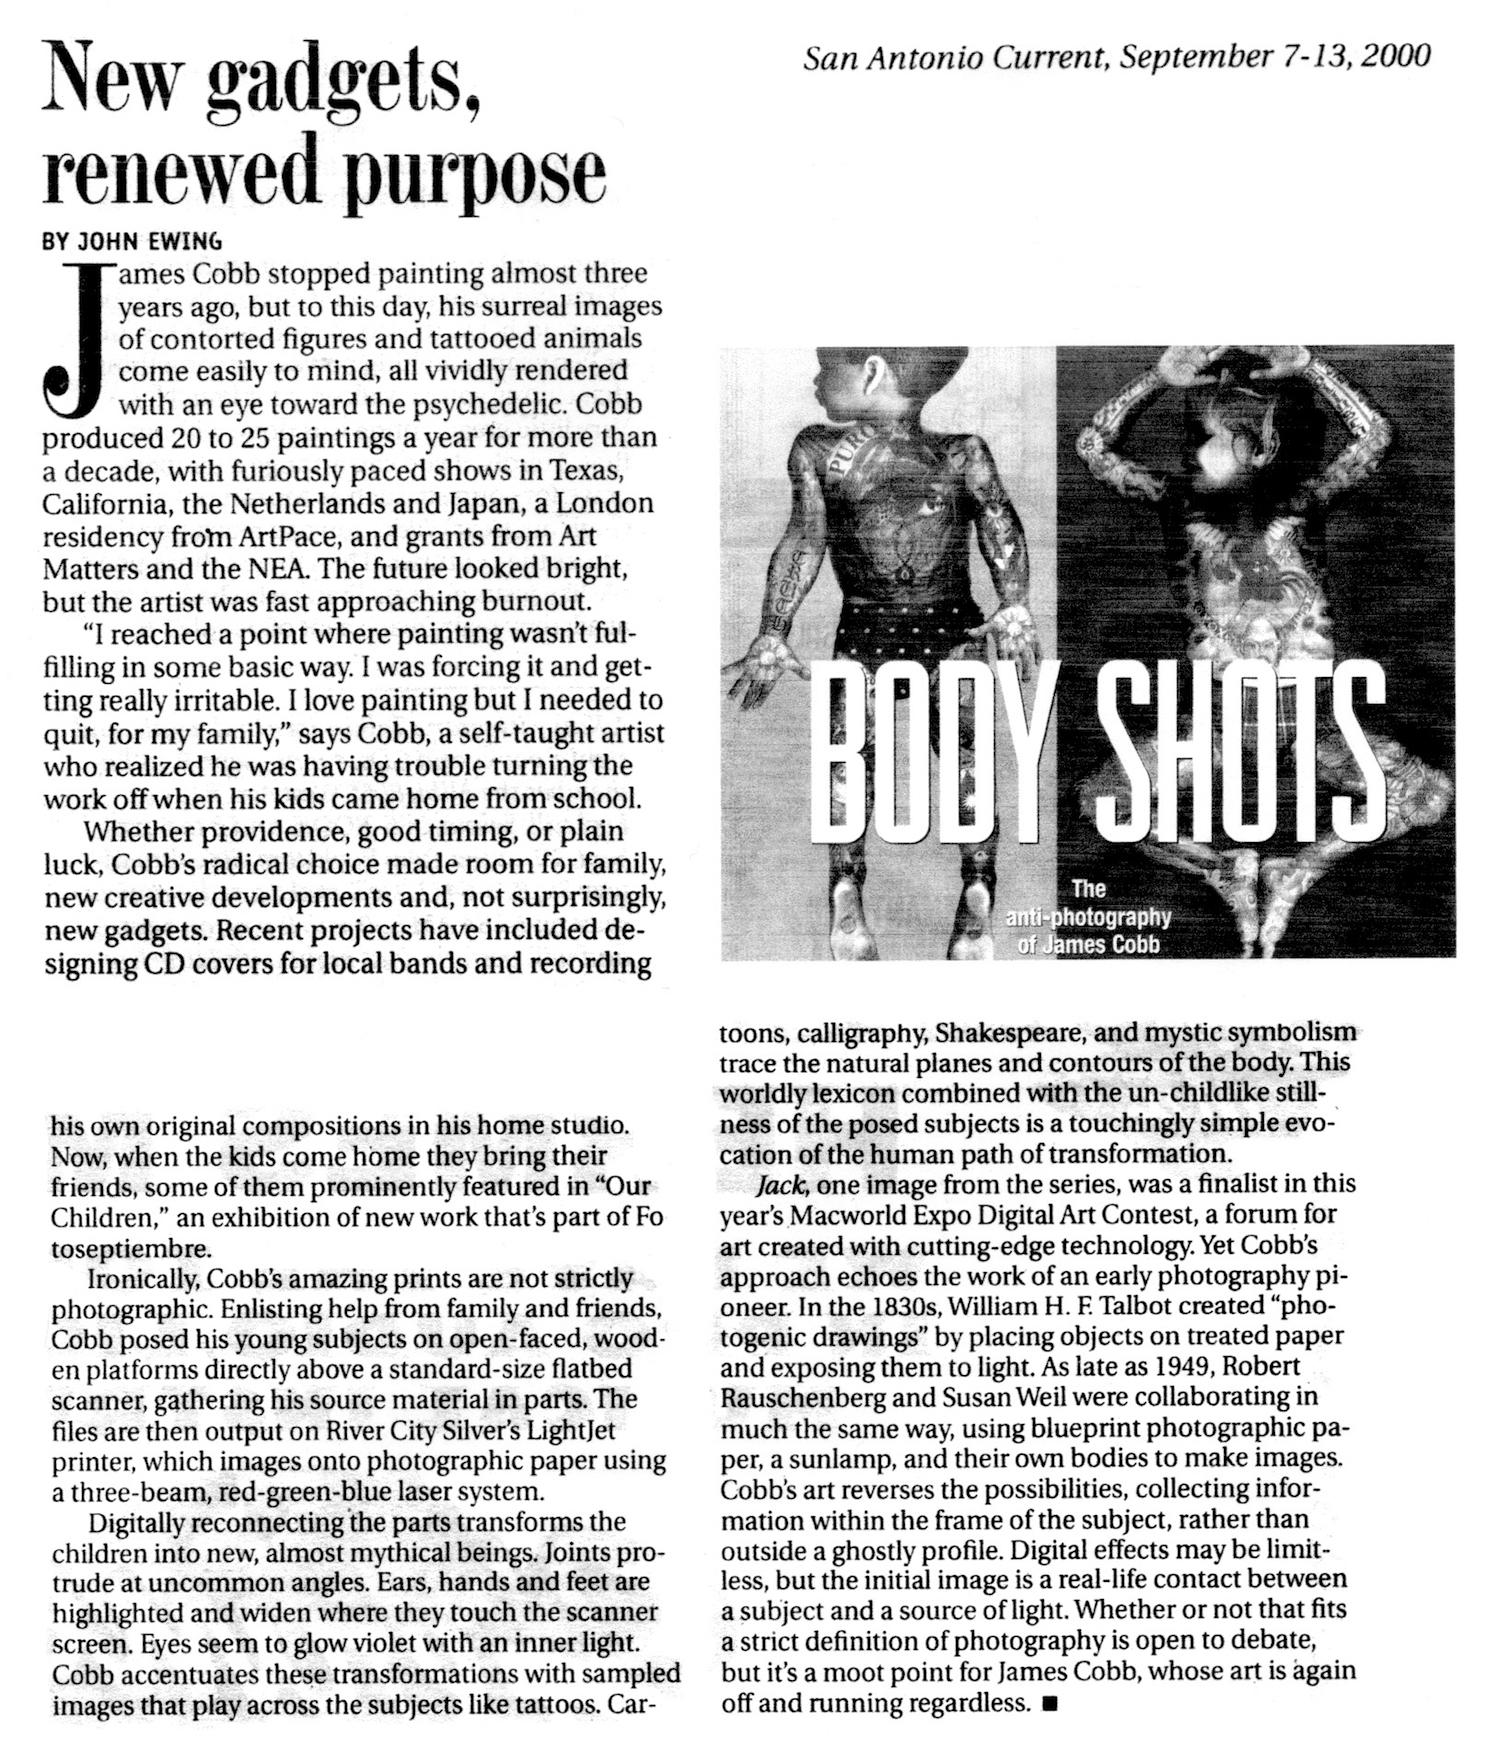 SC_2000_Sept. 7-13_James Cobb